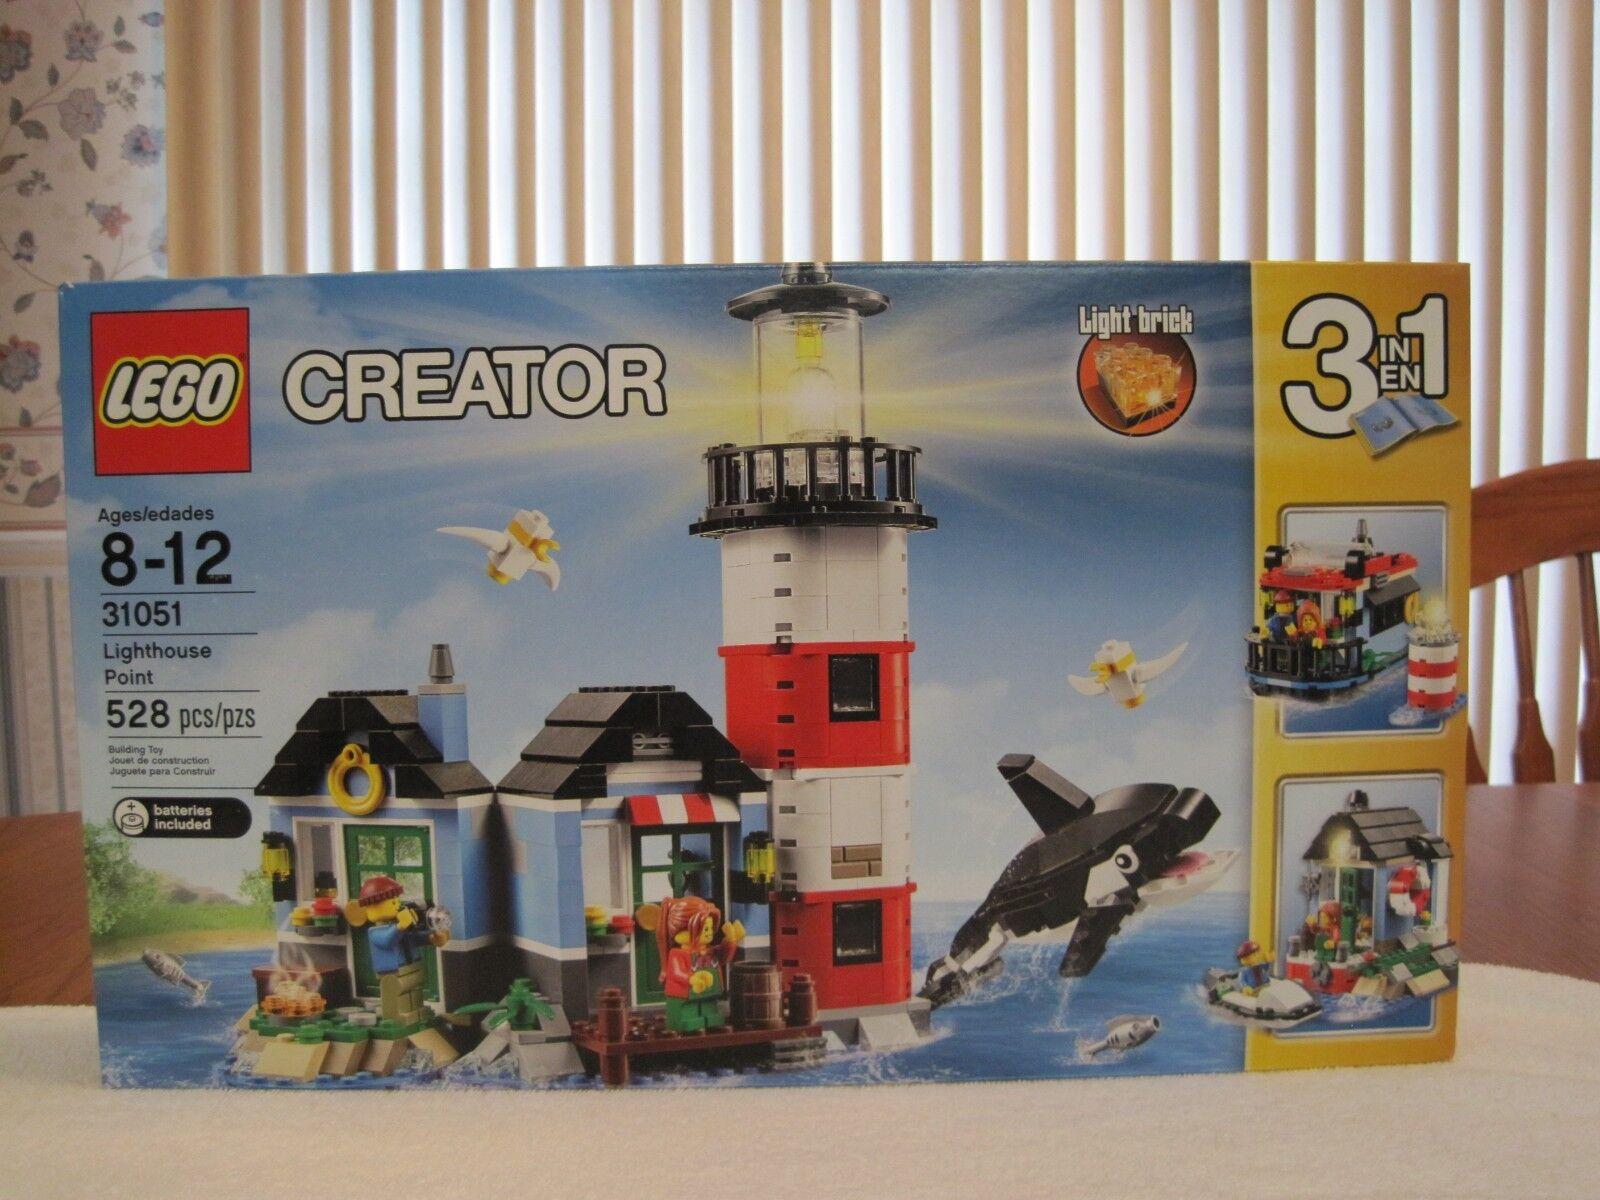 2016 Lego Creator Faro punto 3 en 1 -- Nuevo -- sellado de fábrica